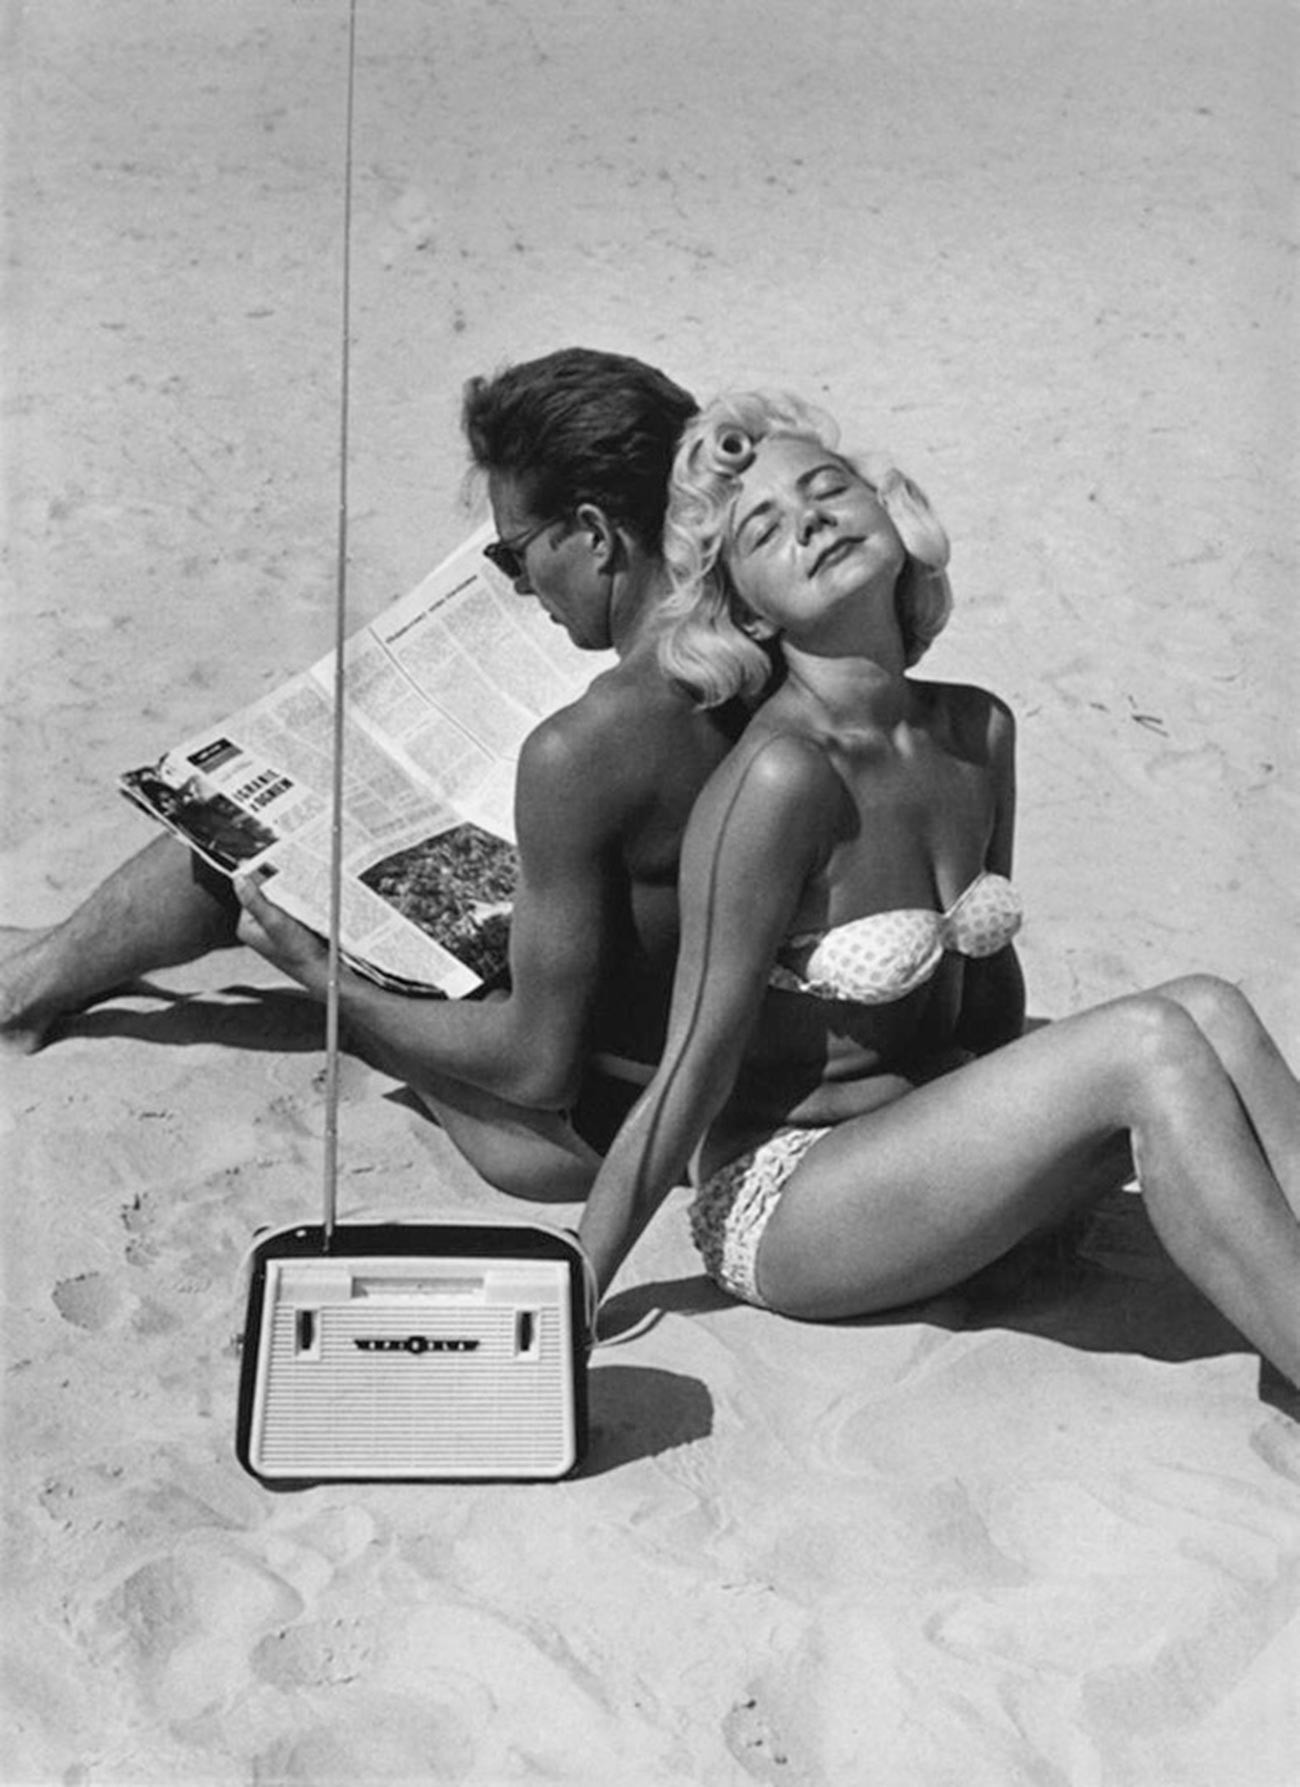 Първата Spidola на плажа в Юрмала, 1960 г.